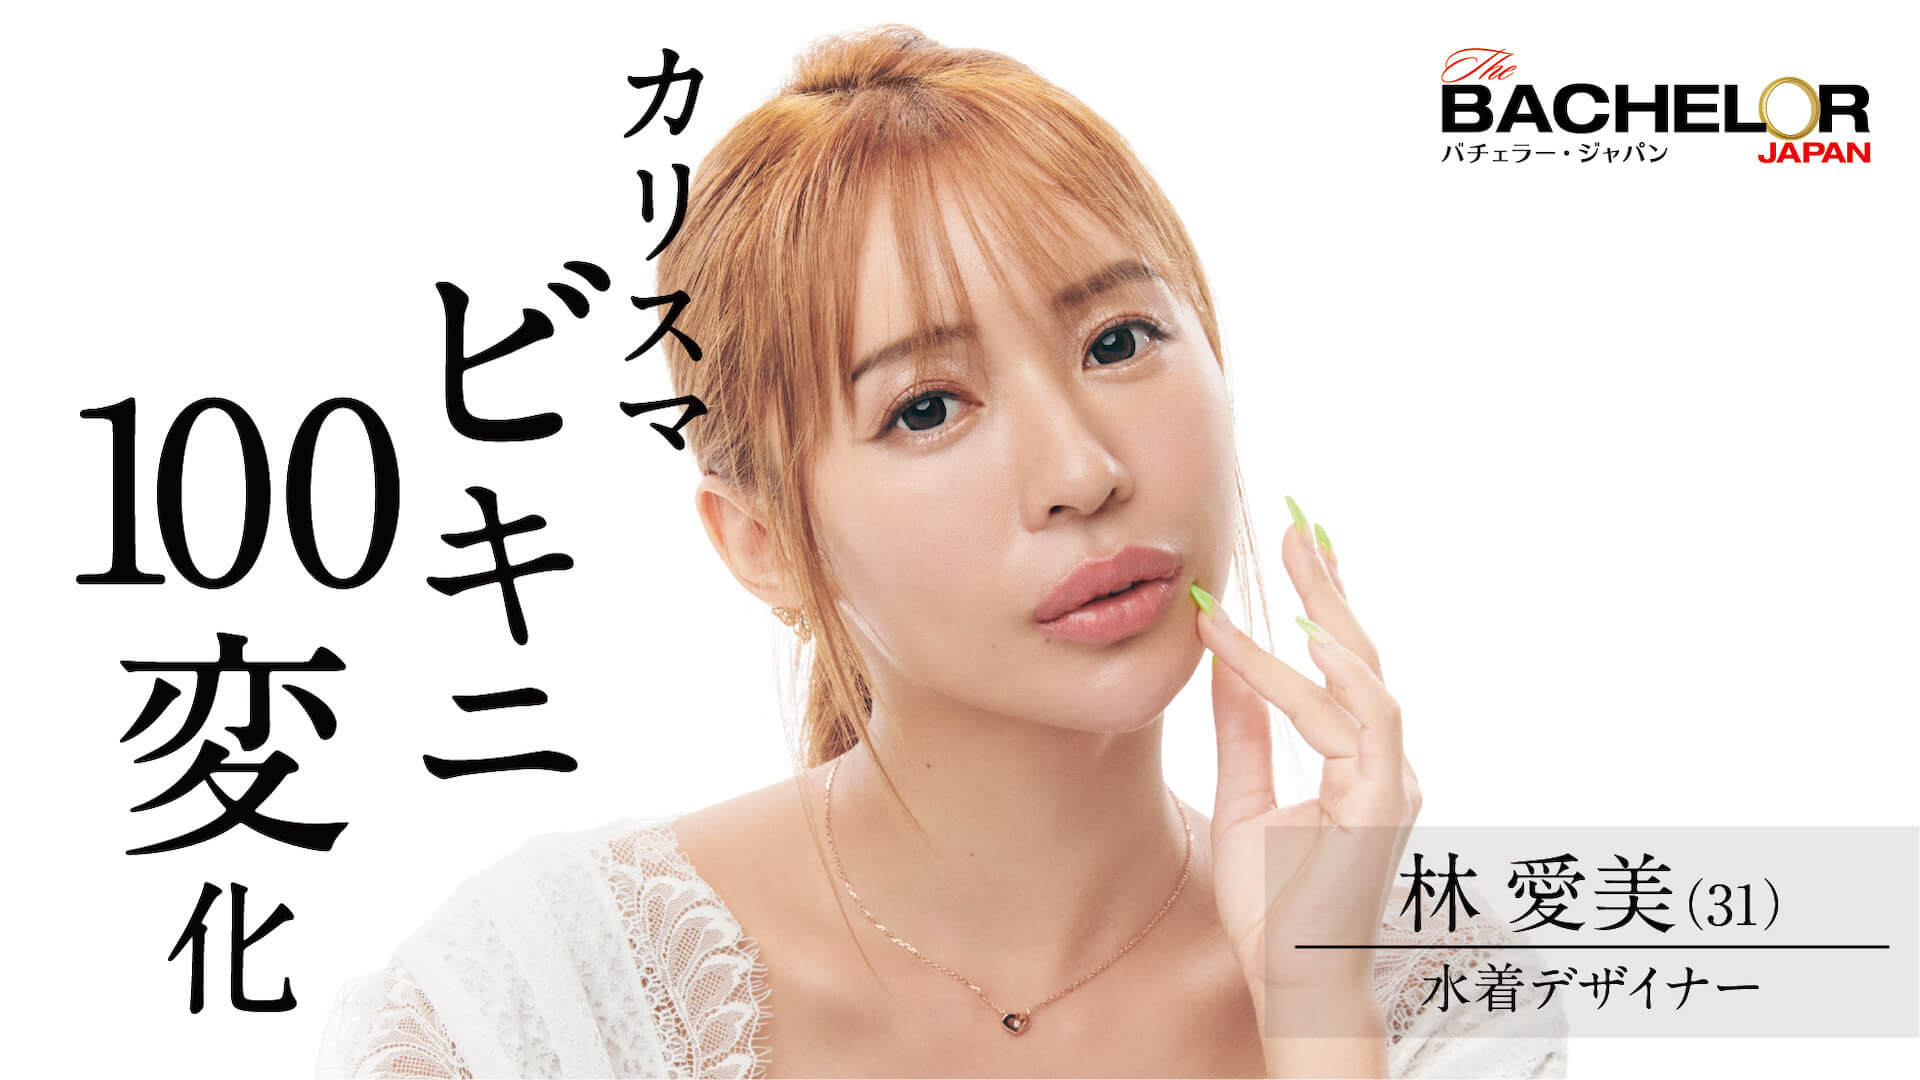 モデル、レディ・ユニバース2020日本代表、医者、経営者など続々登場!『バチェラー・ジャパン』シーズン4の女性参加者15名が一挙発表 art211007_bacelorjapan_4